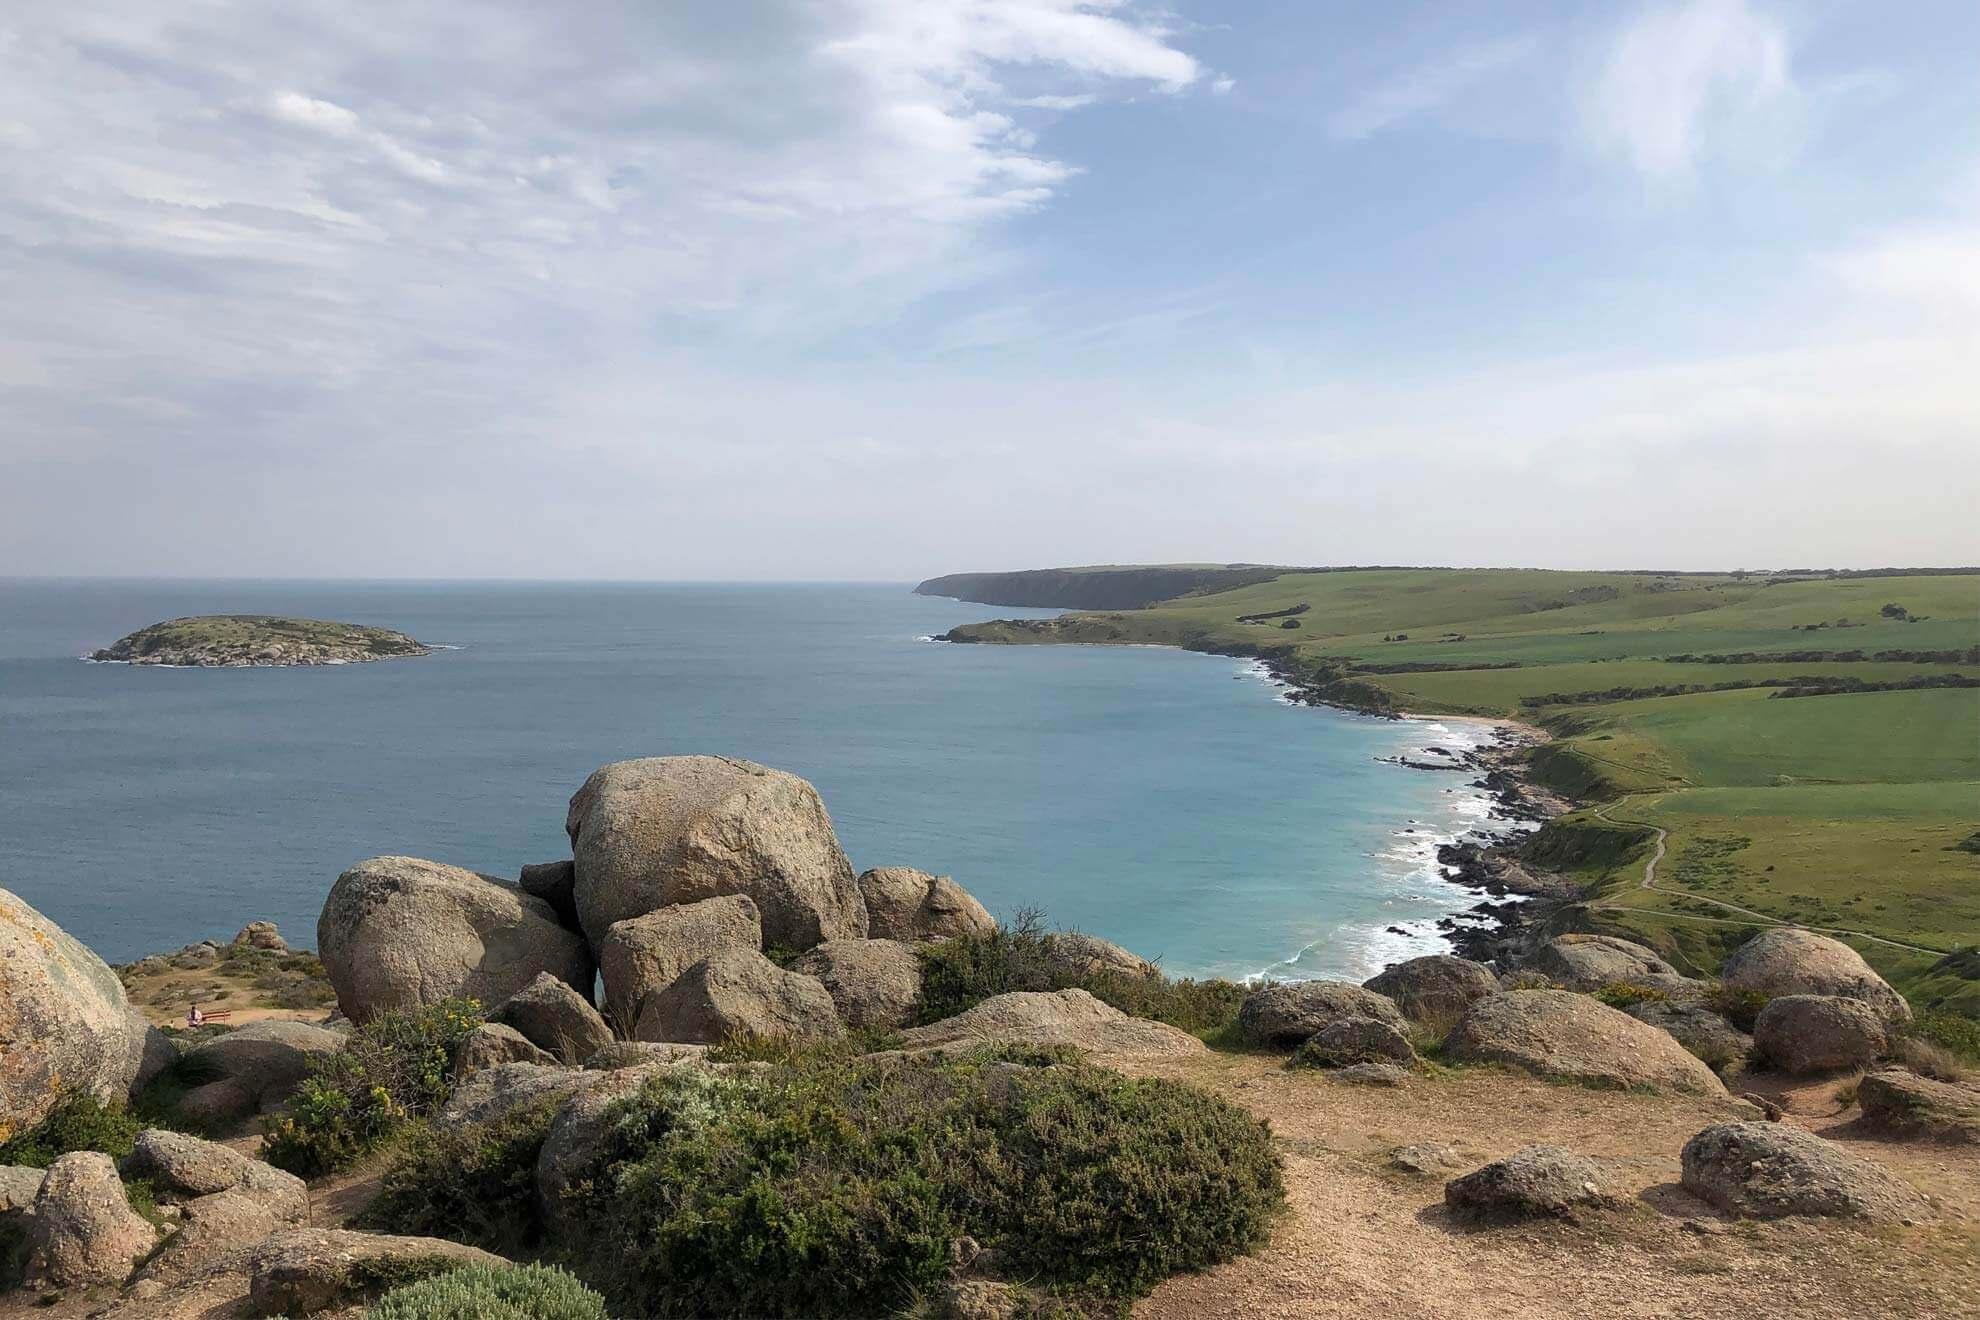 View across the Sea McLaren Vale Coastal Safari Tour